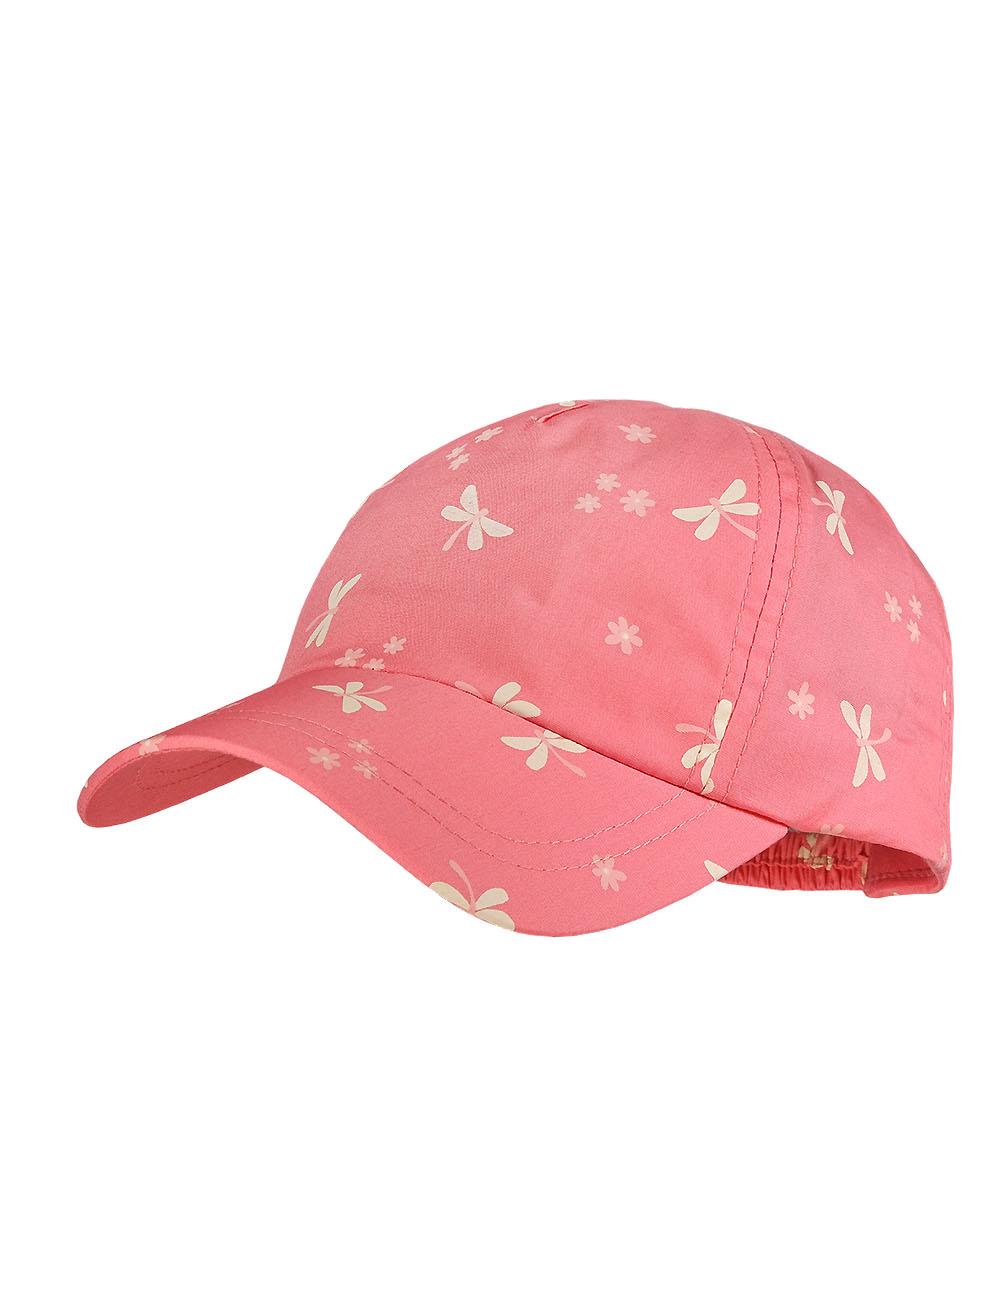 GIRL-Cap, Libelle 51 Maximo. Farbe: flamingo, Größe: 51/53